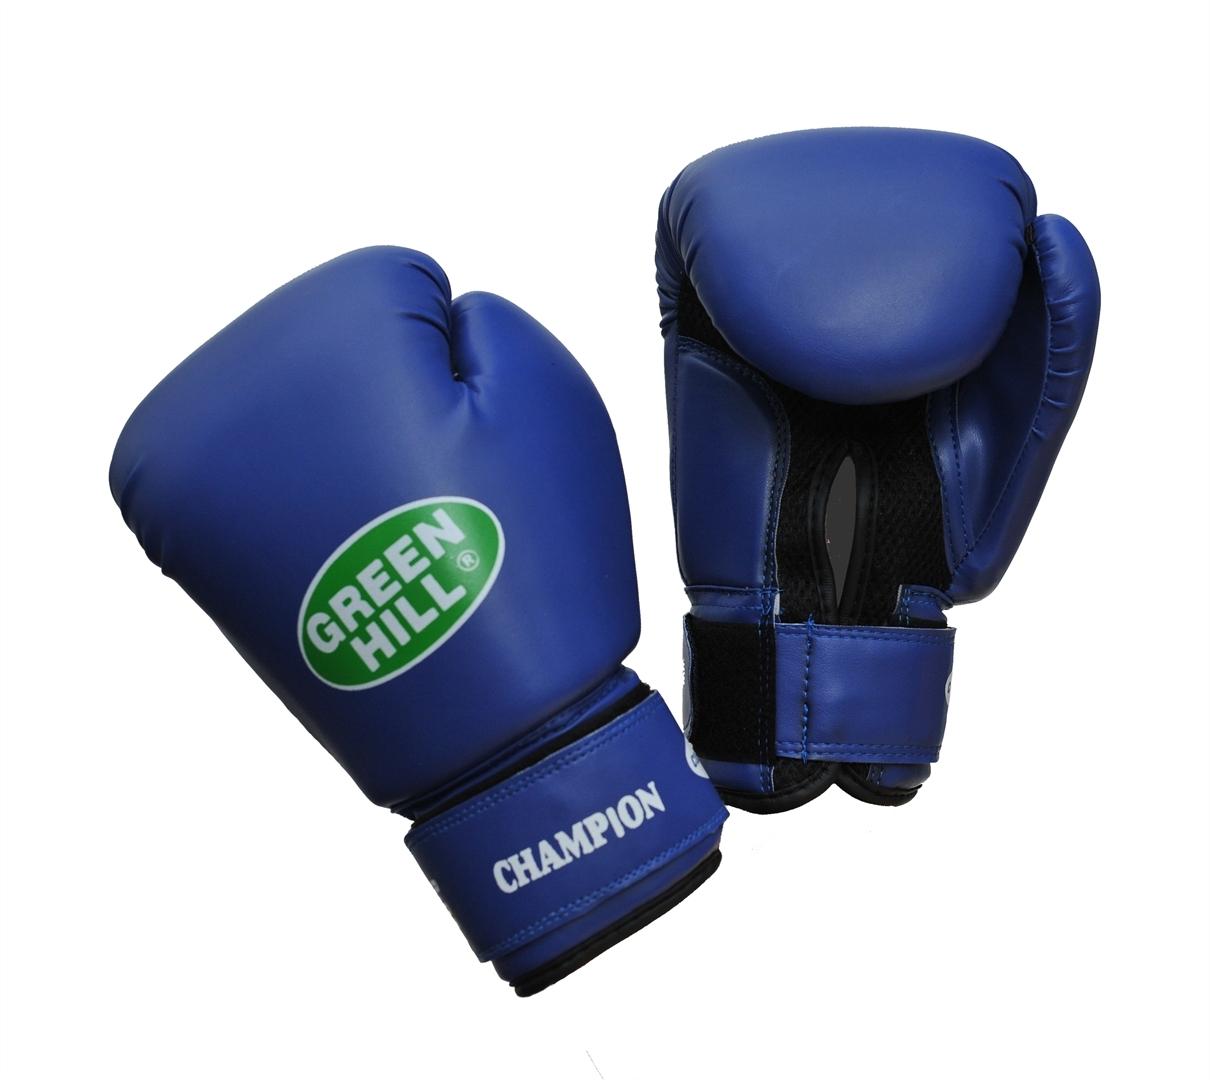 Перчатки боксерские Green Hill Champion, цвет: синий. Вес 8 унцийBGC-2040bБоксерские перчатки Green Hill Champion предназначены для тренировок и соревнований. Верх выполнен из синтетической кожи, наполнитель - из пенополиуретана. Вставка из прочной замшевой сетки в области ладони позволяет создать максимально комфортный терморежим во время занятий. Перчатка хорошо проветривается благодаря системе воздухообмена. Широкий ремень, охватывая запястье, полностью оборачивается вокруг манжеты, благодаря чему создается дополнительная защита лучезапястного сустава от травмирования. Застежка на липучке способствует быстрому и удобному одеванию перчаток, плотно фиксирует перчатки на руке.